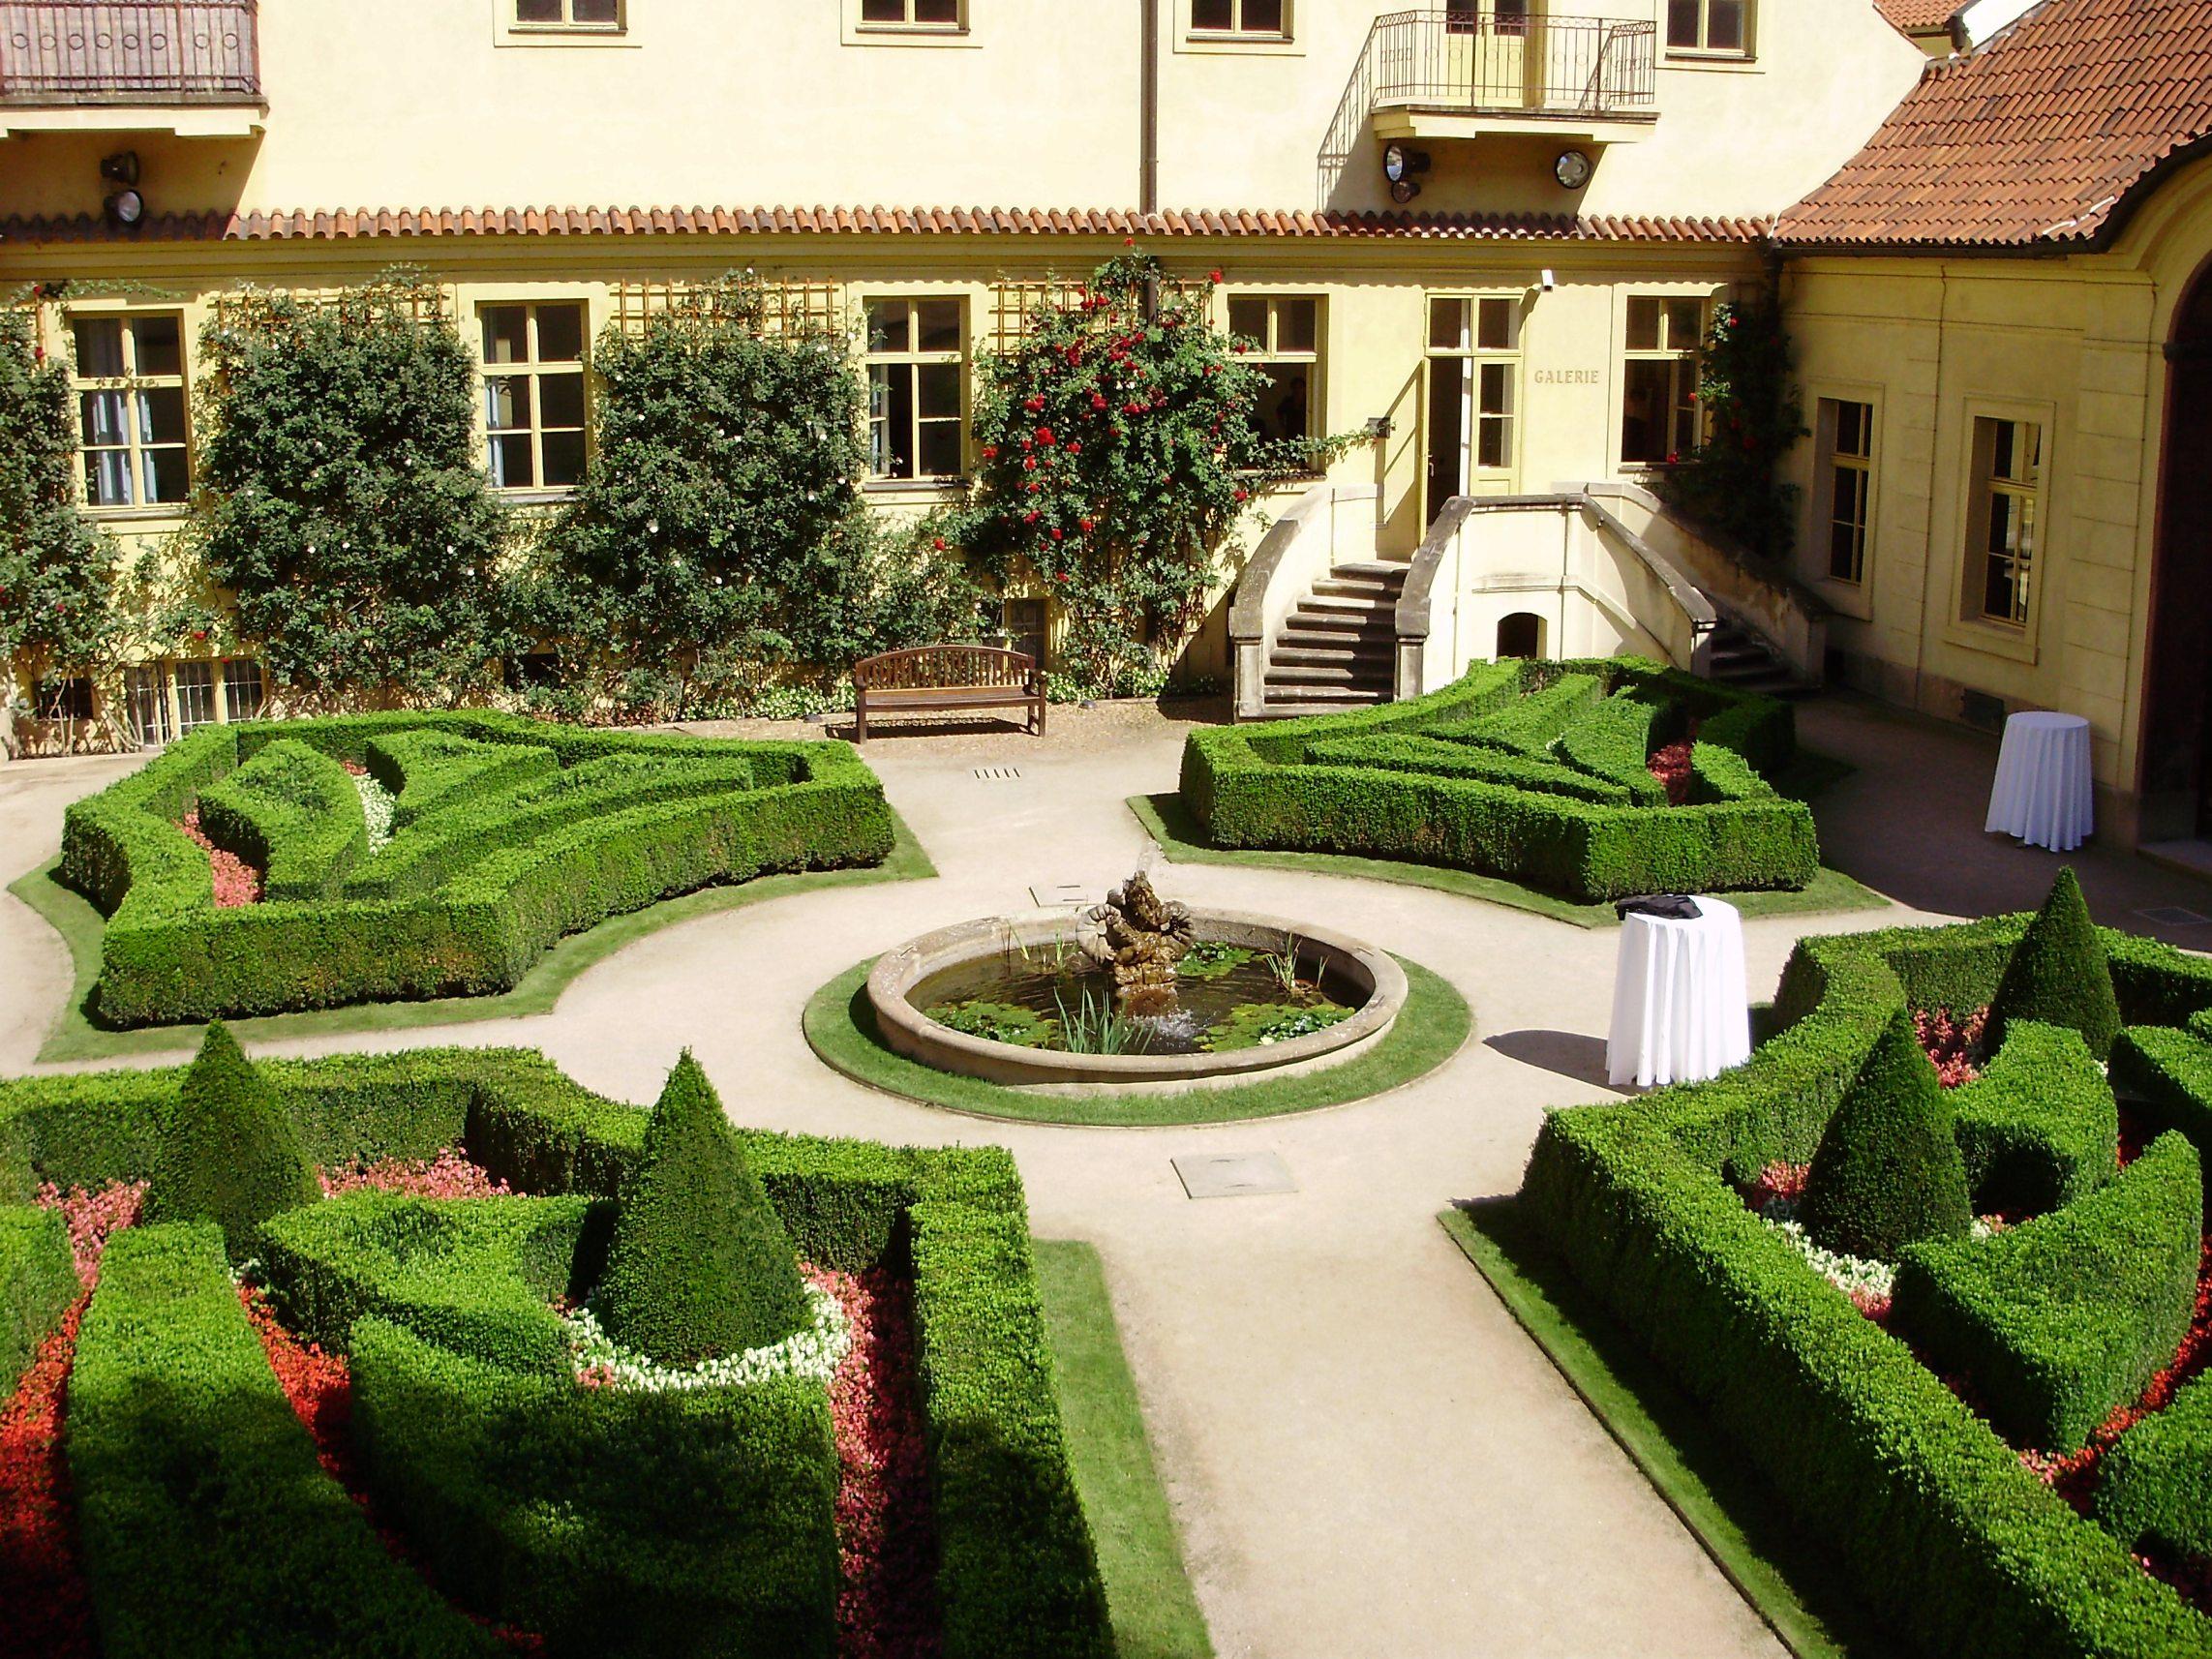 Vrtbovská zahrada - pohled do dvora s fontánou